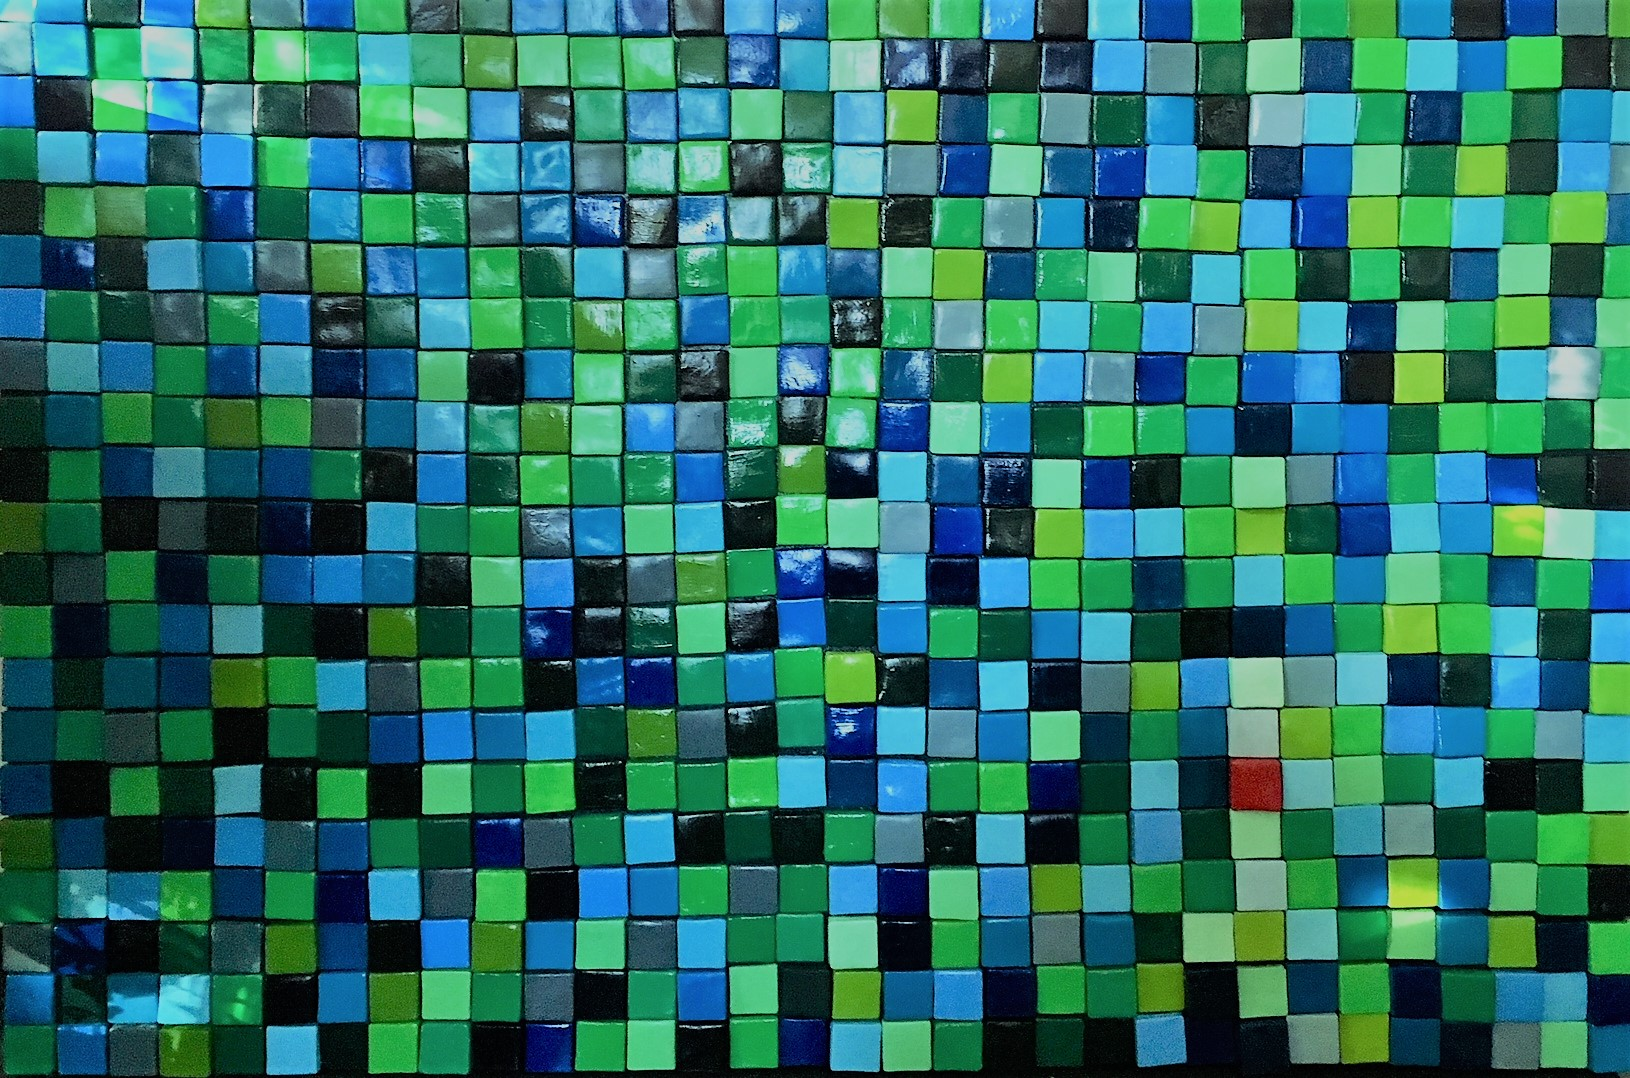 schilderij met 630 groen-blauwe blokjes.